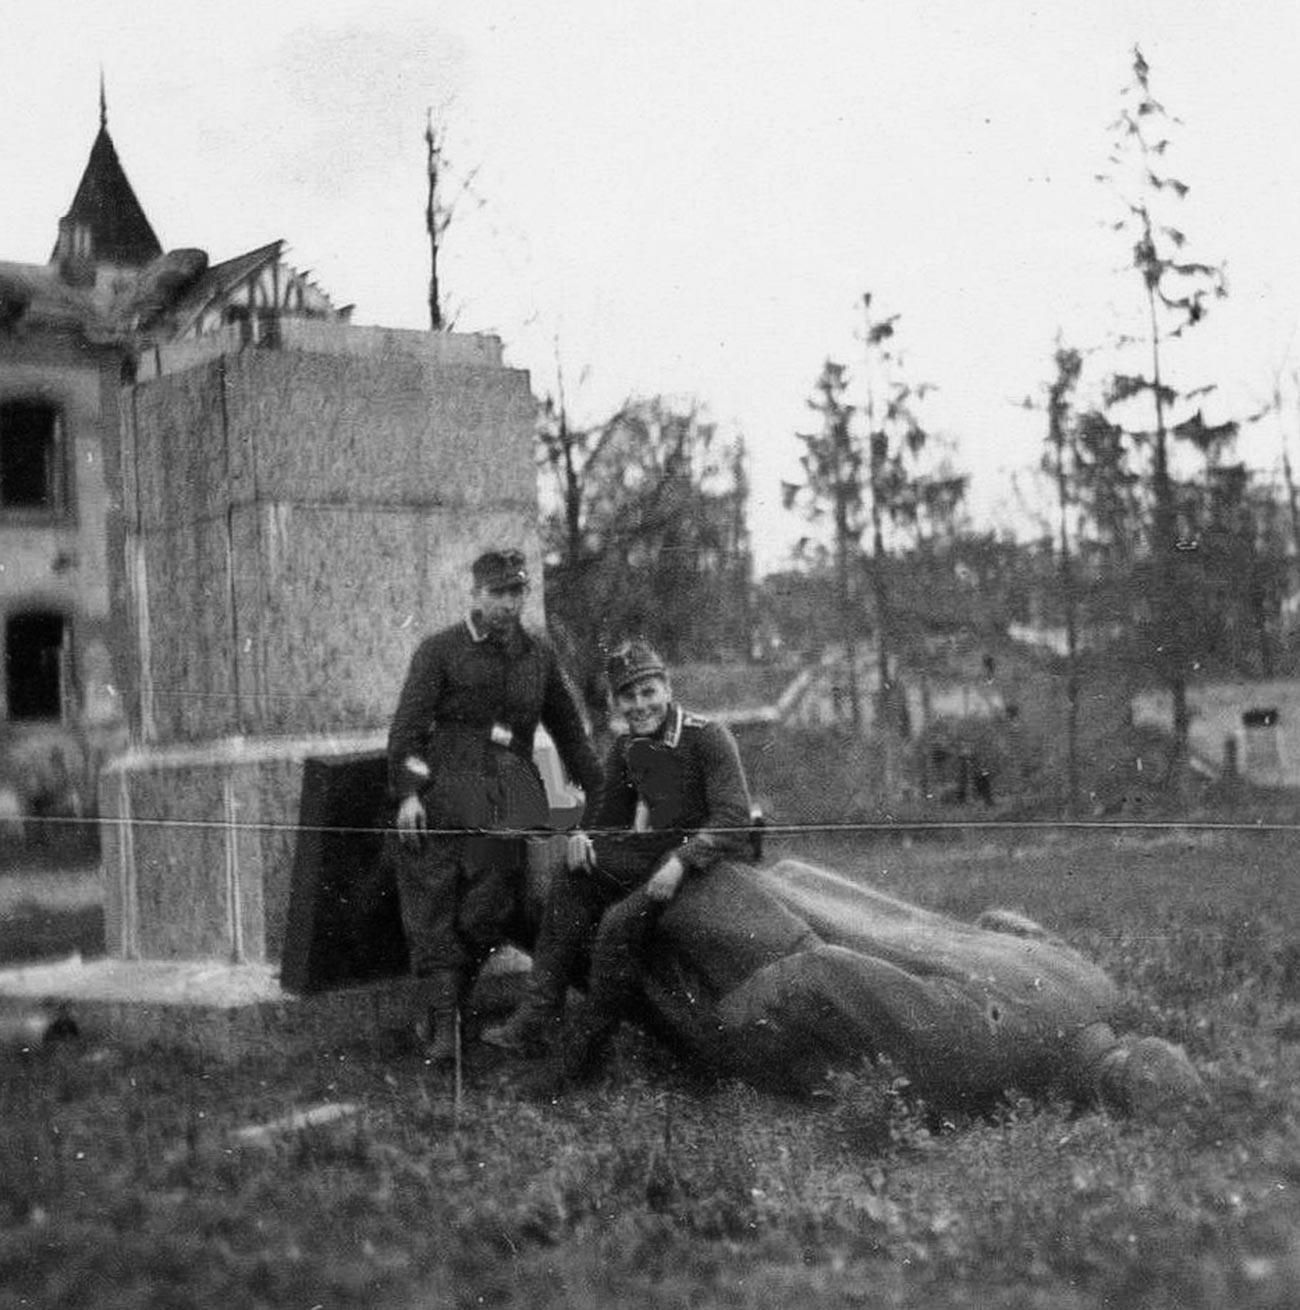 Немцы у поваленного памятника Ленину в Пушкине, 1941